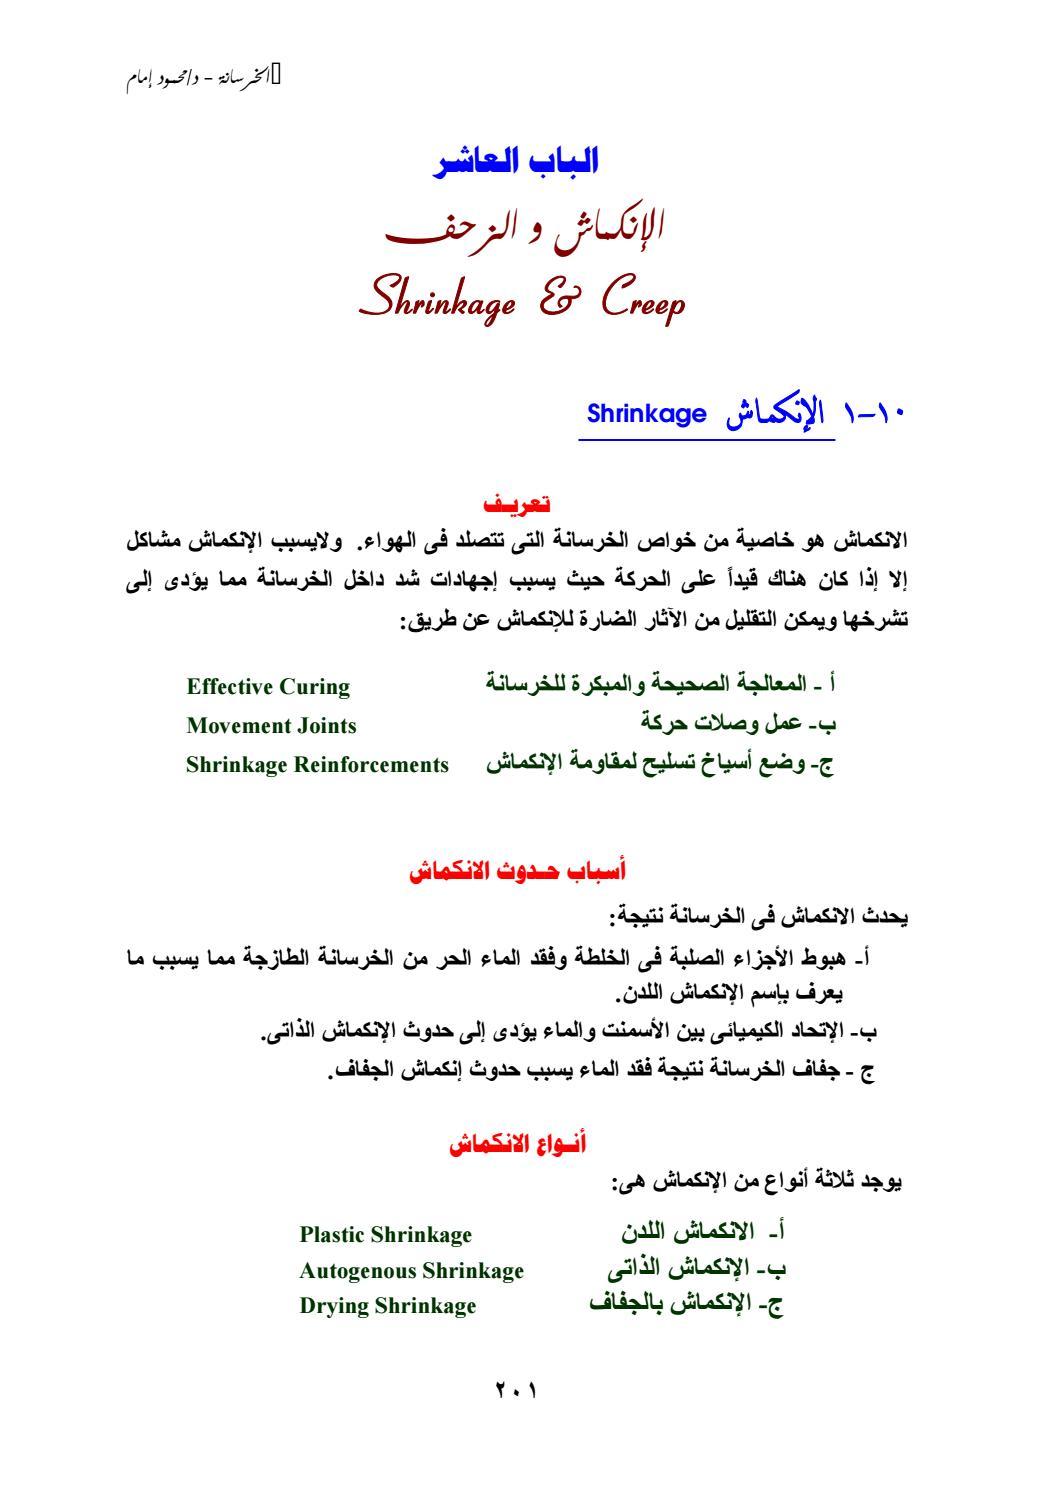 الانكماش والزحف By Hanaa Osman Issuu